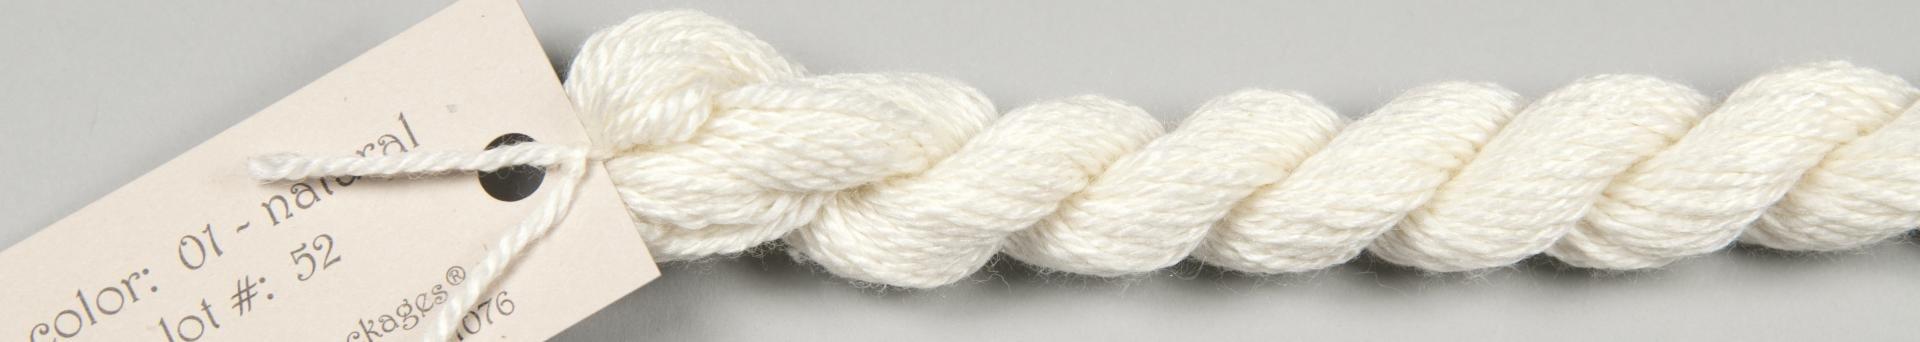 Silk & Ivory Threads